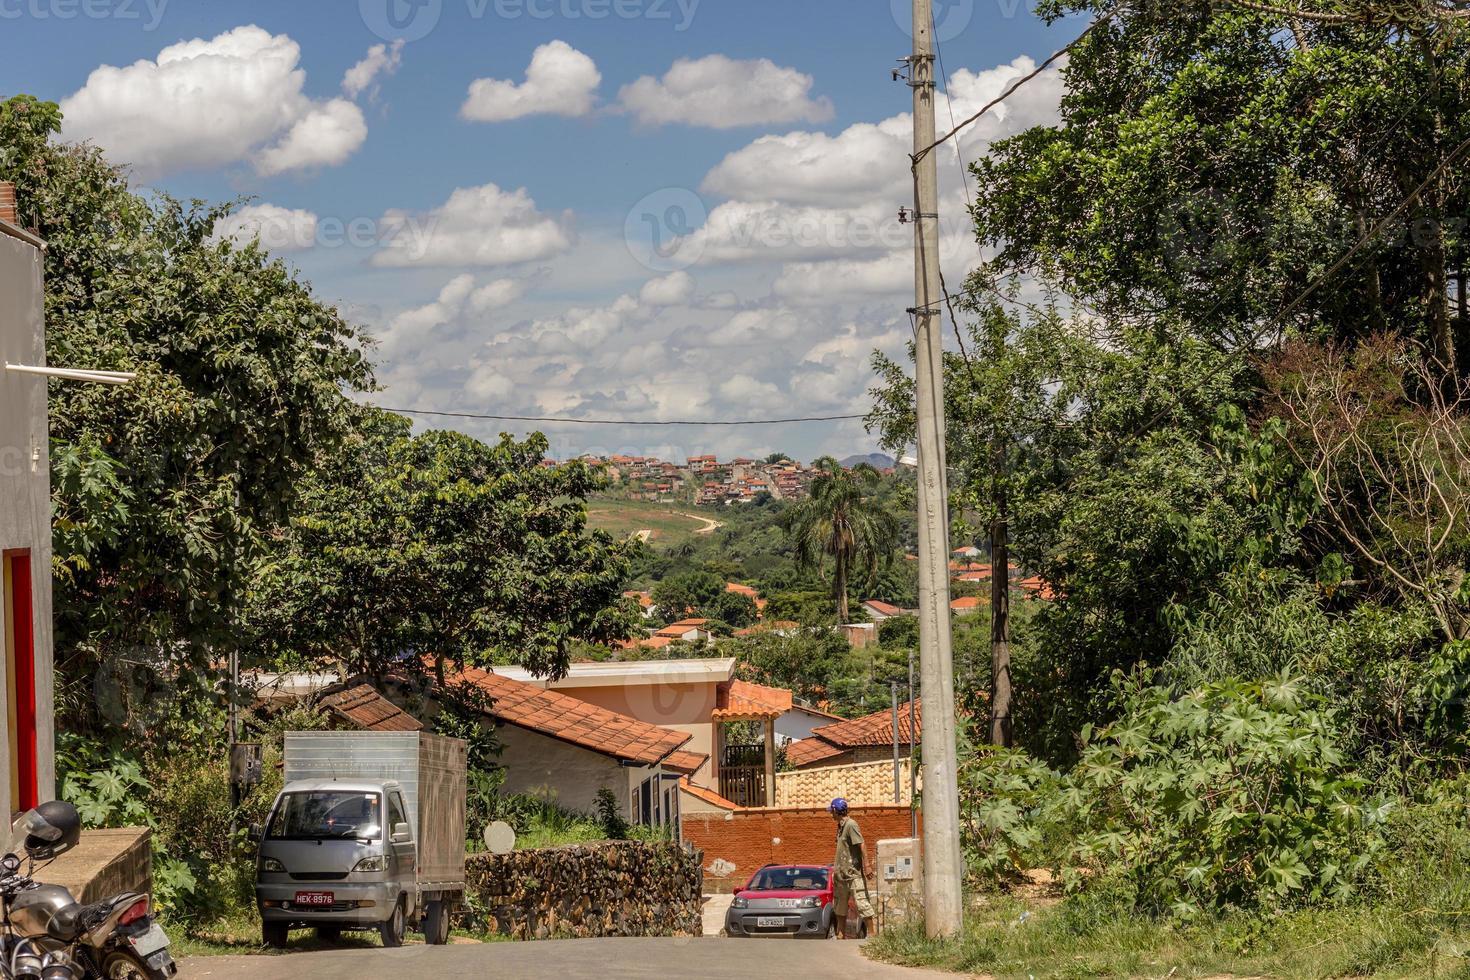 detalles de la ciudad de tiradentes en brasil foto